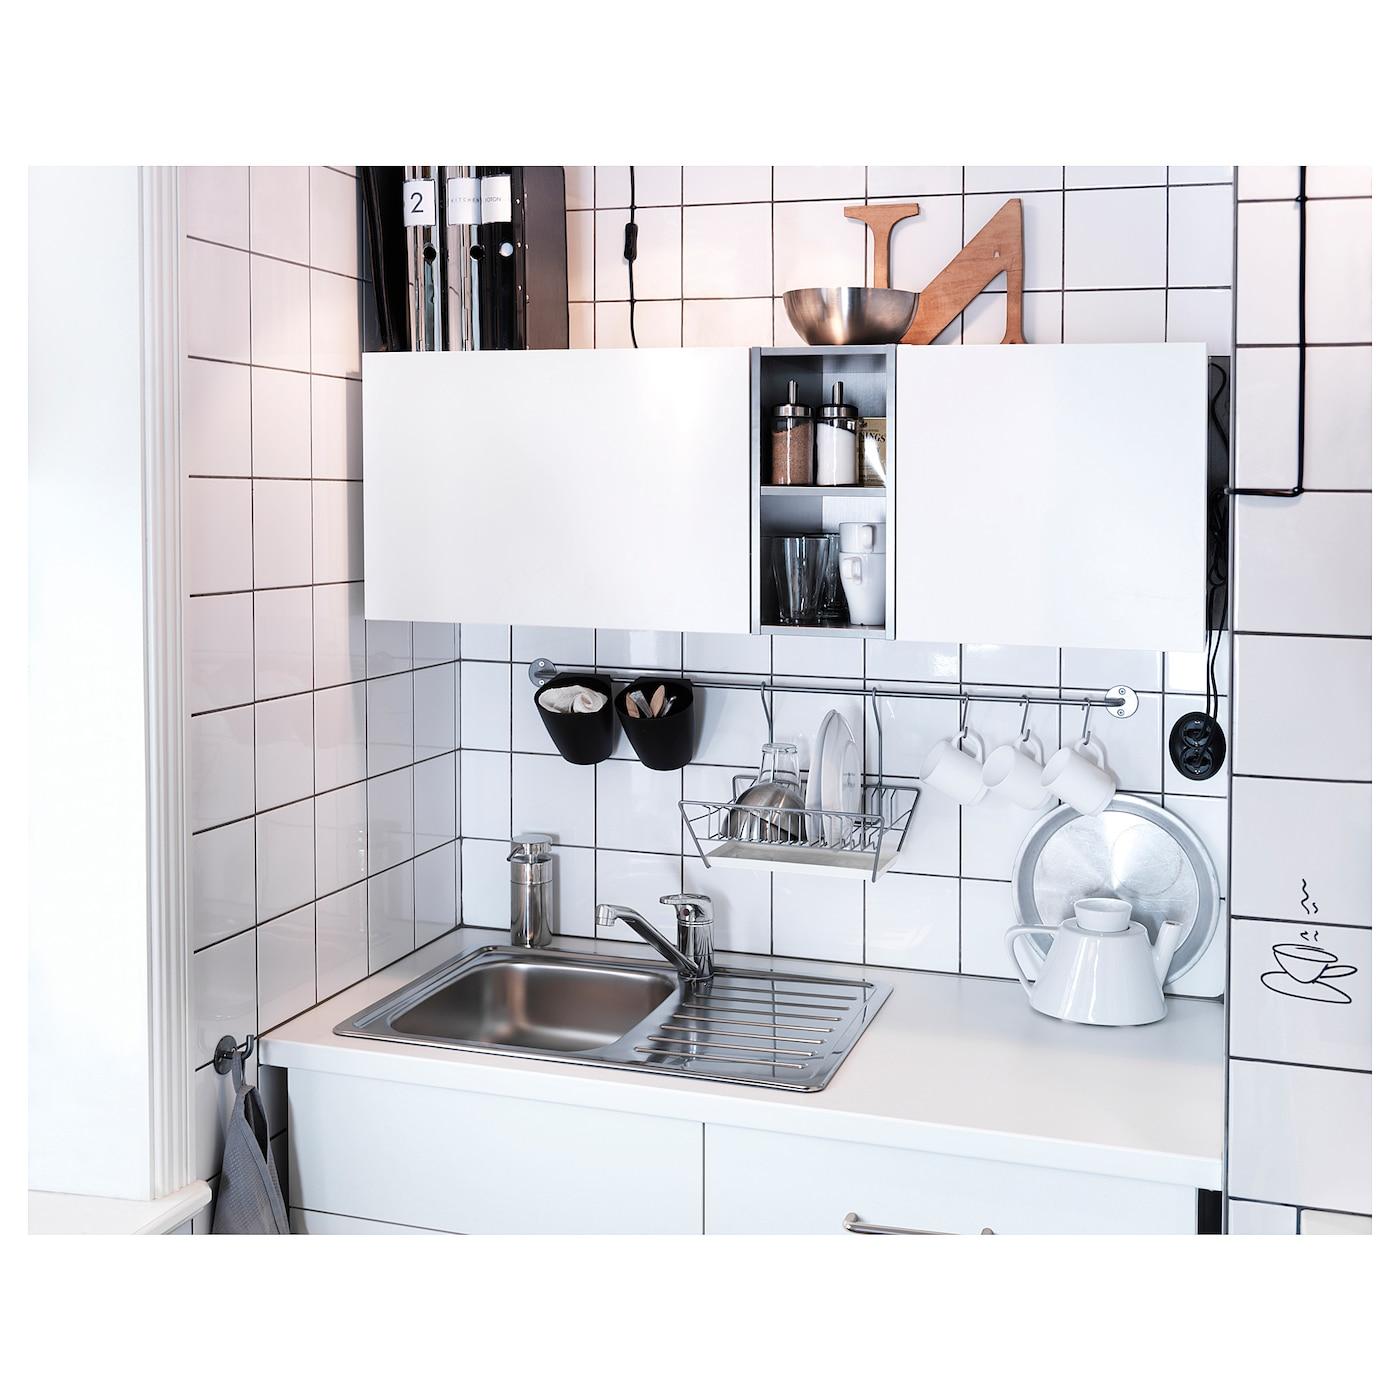 SUNDSVIK حنفية خلاط مطبخ بمقبض واحد, طلاء كروم